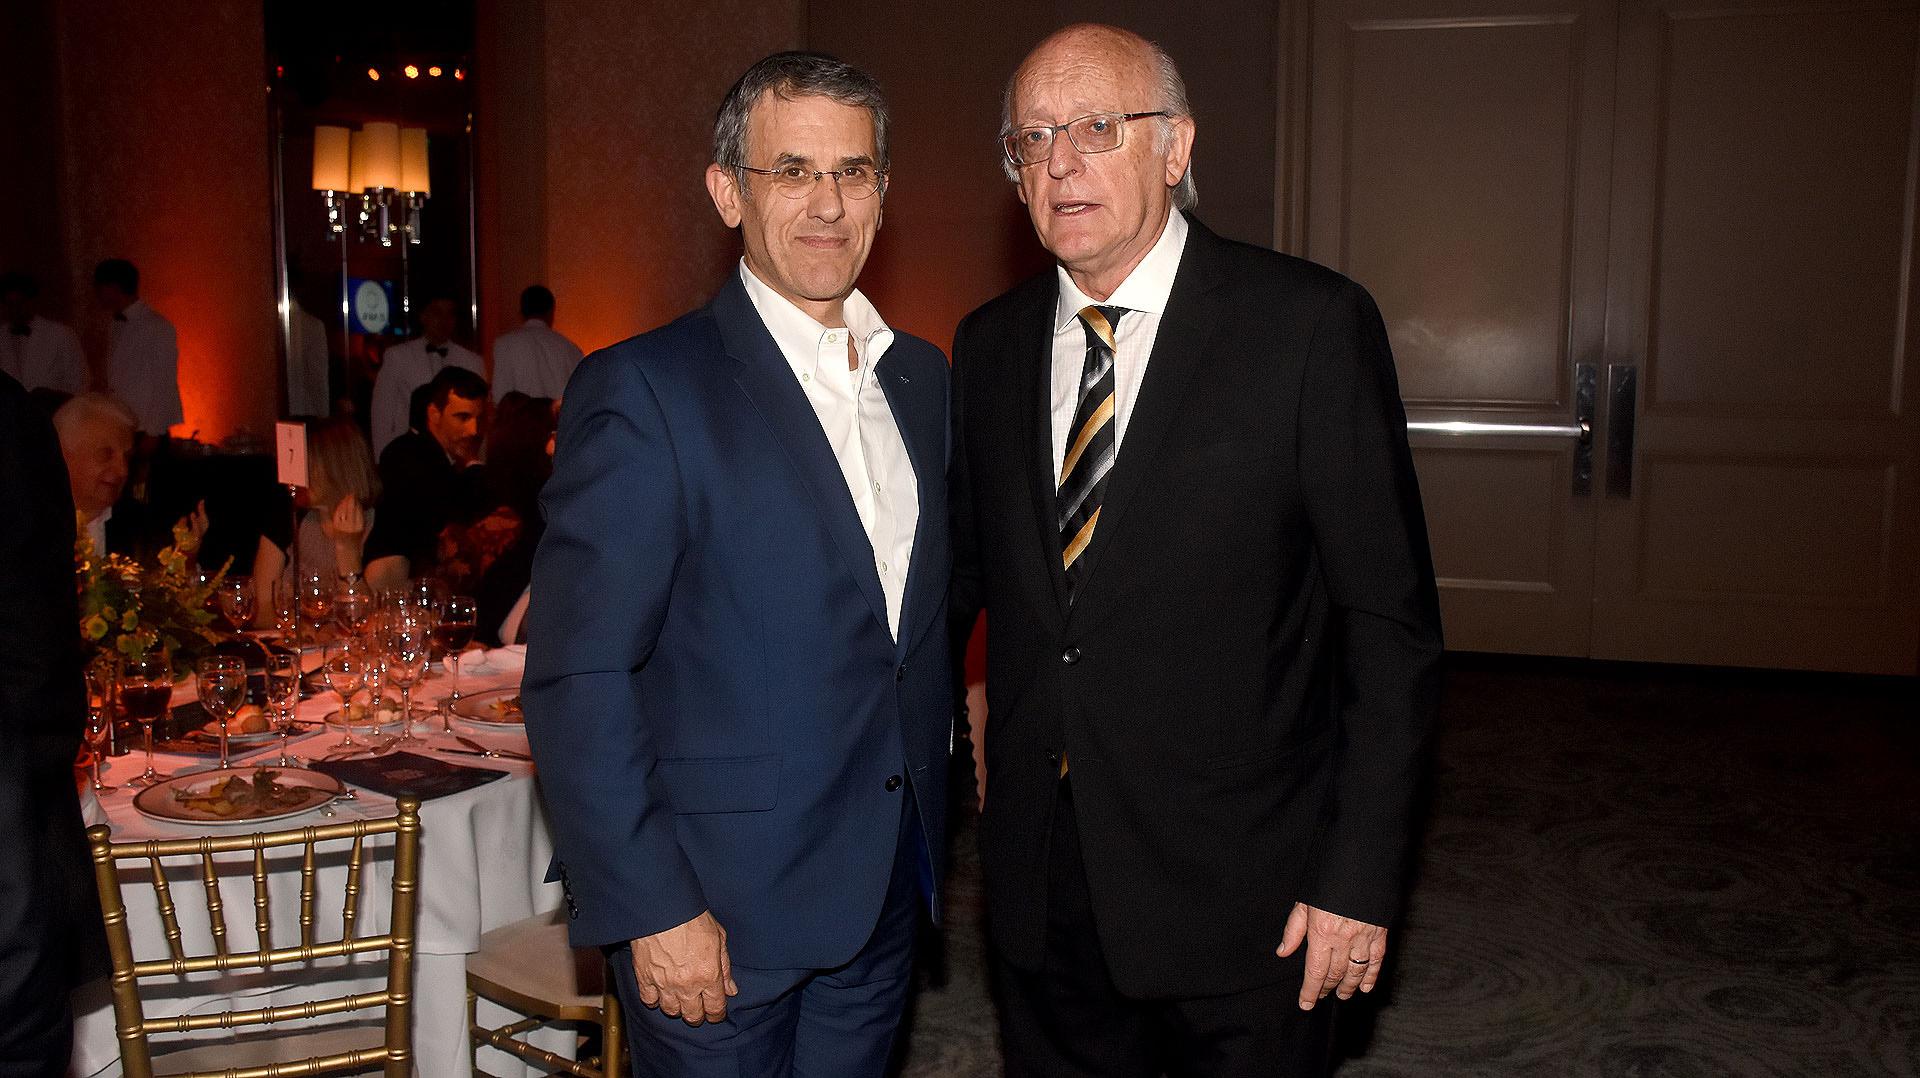 Agustín Zbar, presidente de la AMIA, y Alberto Indij, presidente de la DAIA